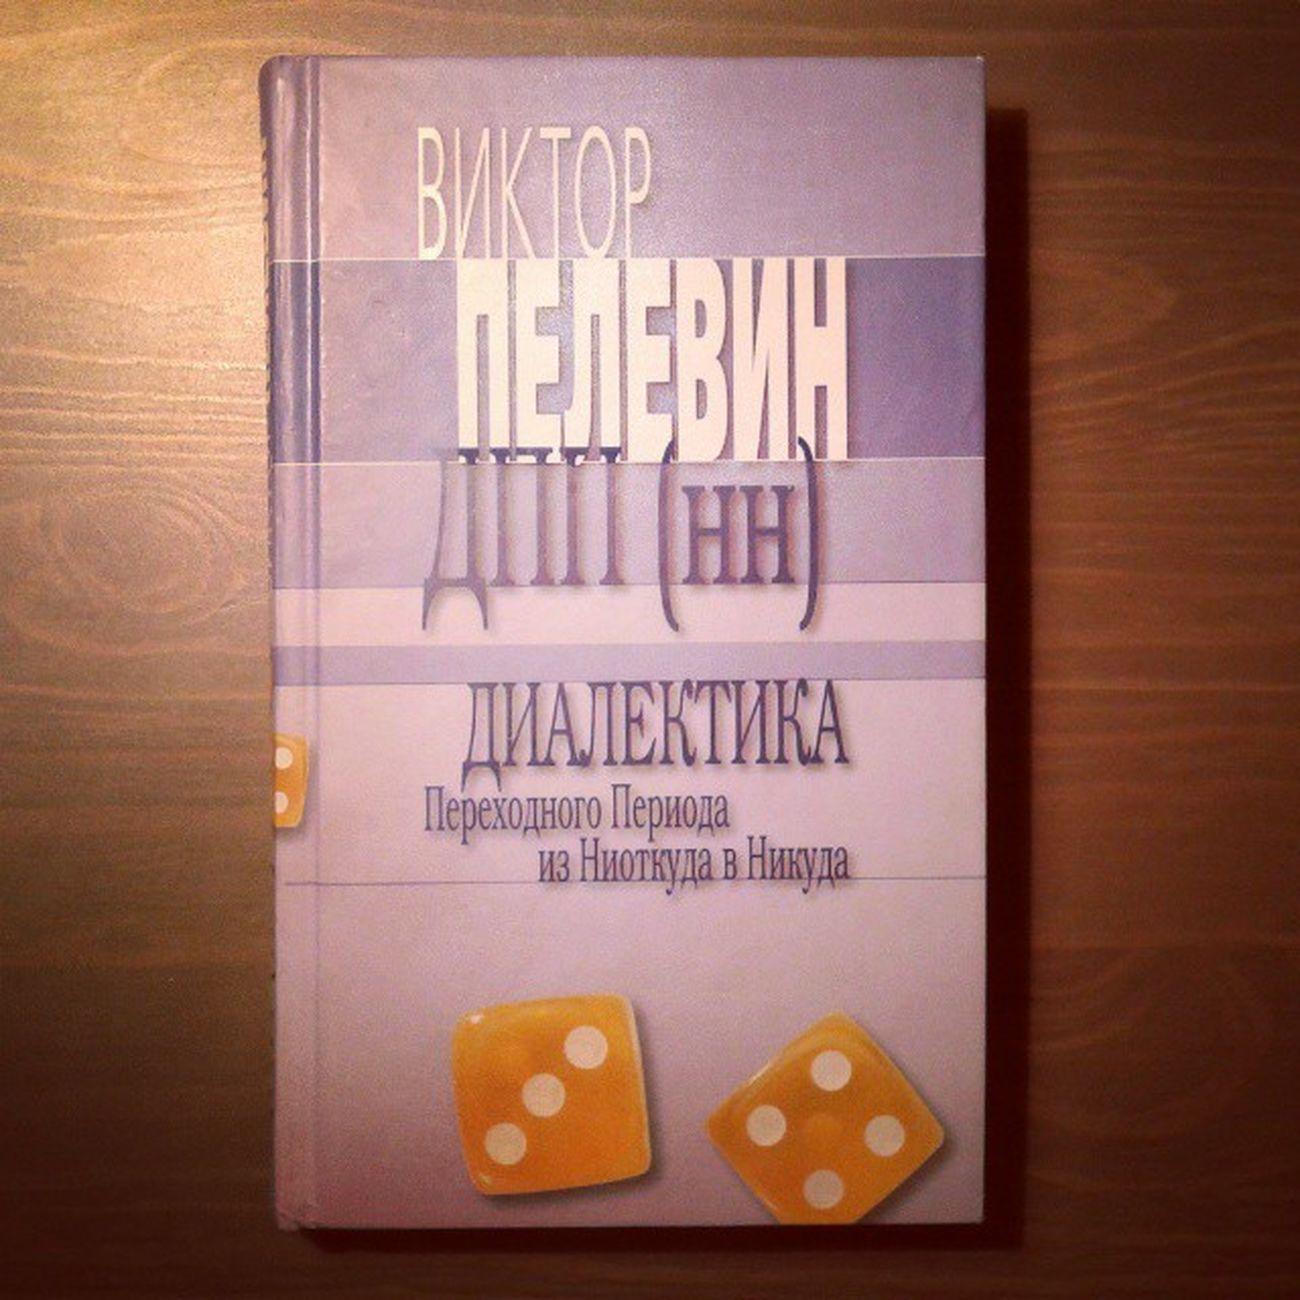 пелевин психодел психоделическая литература бальзамнадушу приятно обнаружить в домашней библиотеке то, что чуть было не купил в книжном.